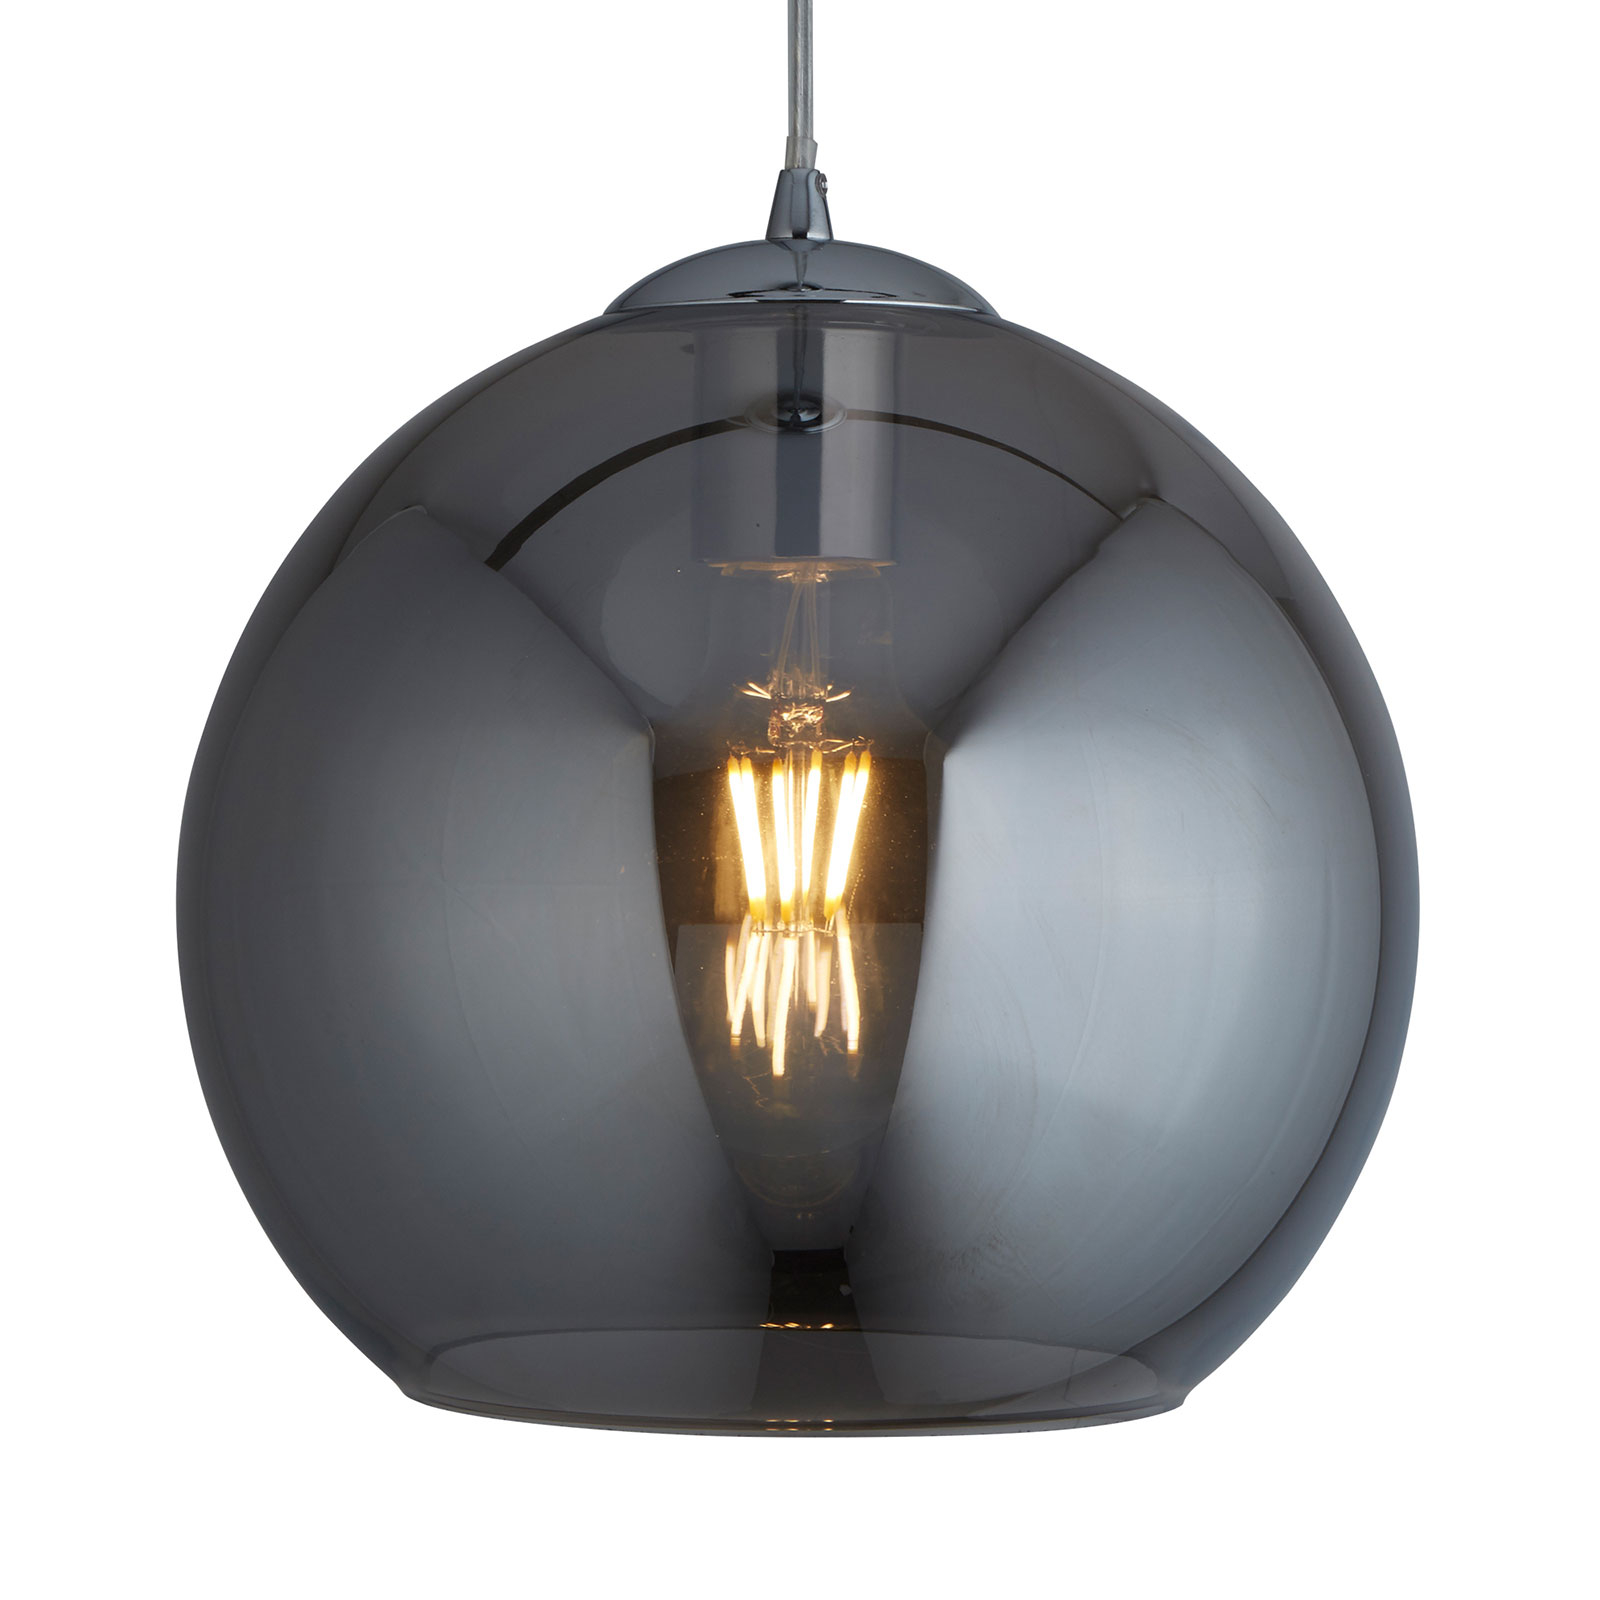 Riippuvalaisin Balls, lasipallo savu, Ø 30 cm